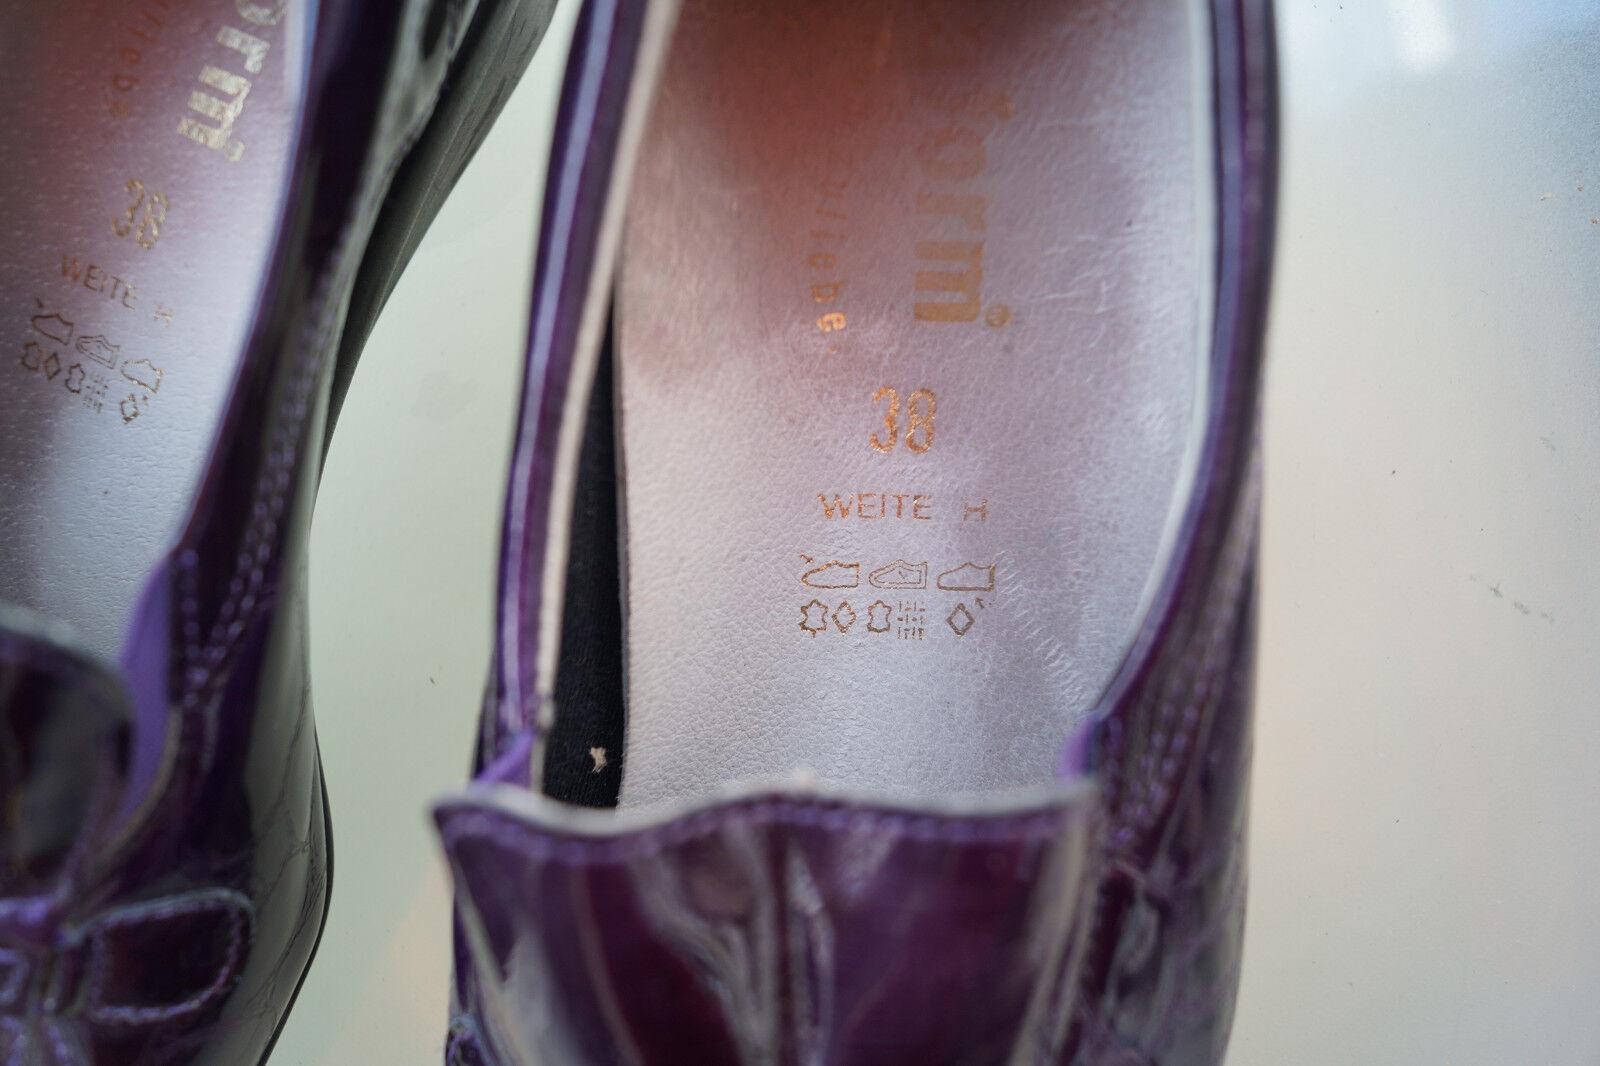 VITAFORM Damen Comfort Schuhe Slipper Leder Mokassins Gr.38 lila Lack Leder Slipper TOP #4k 8731ff